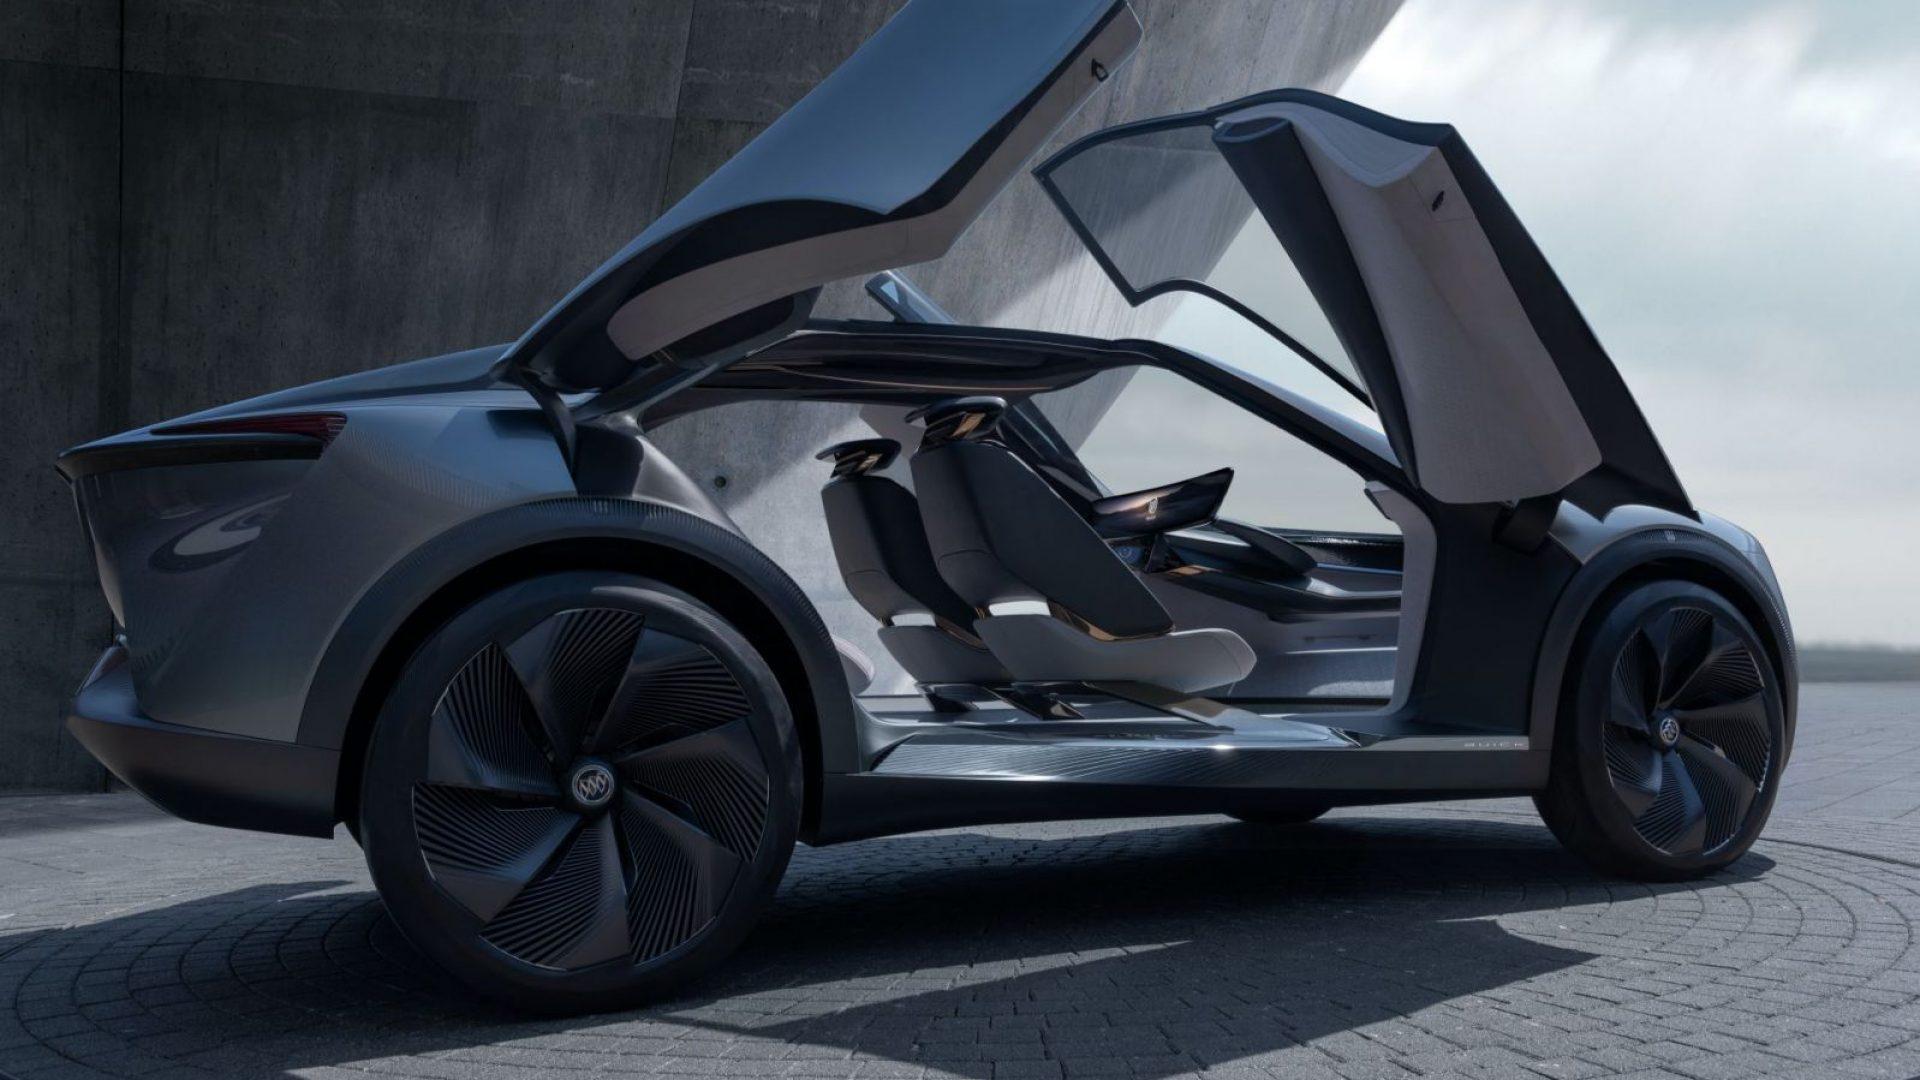 2020-Buick-Electra-Concept-02